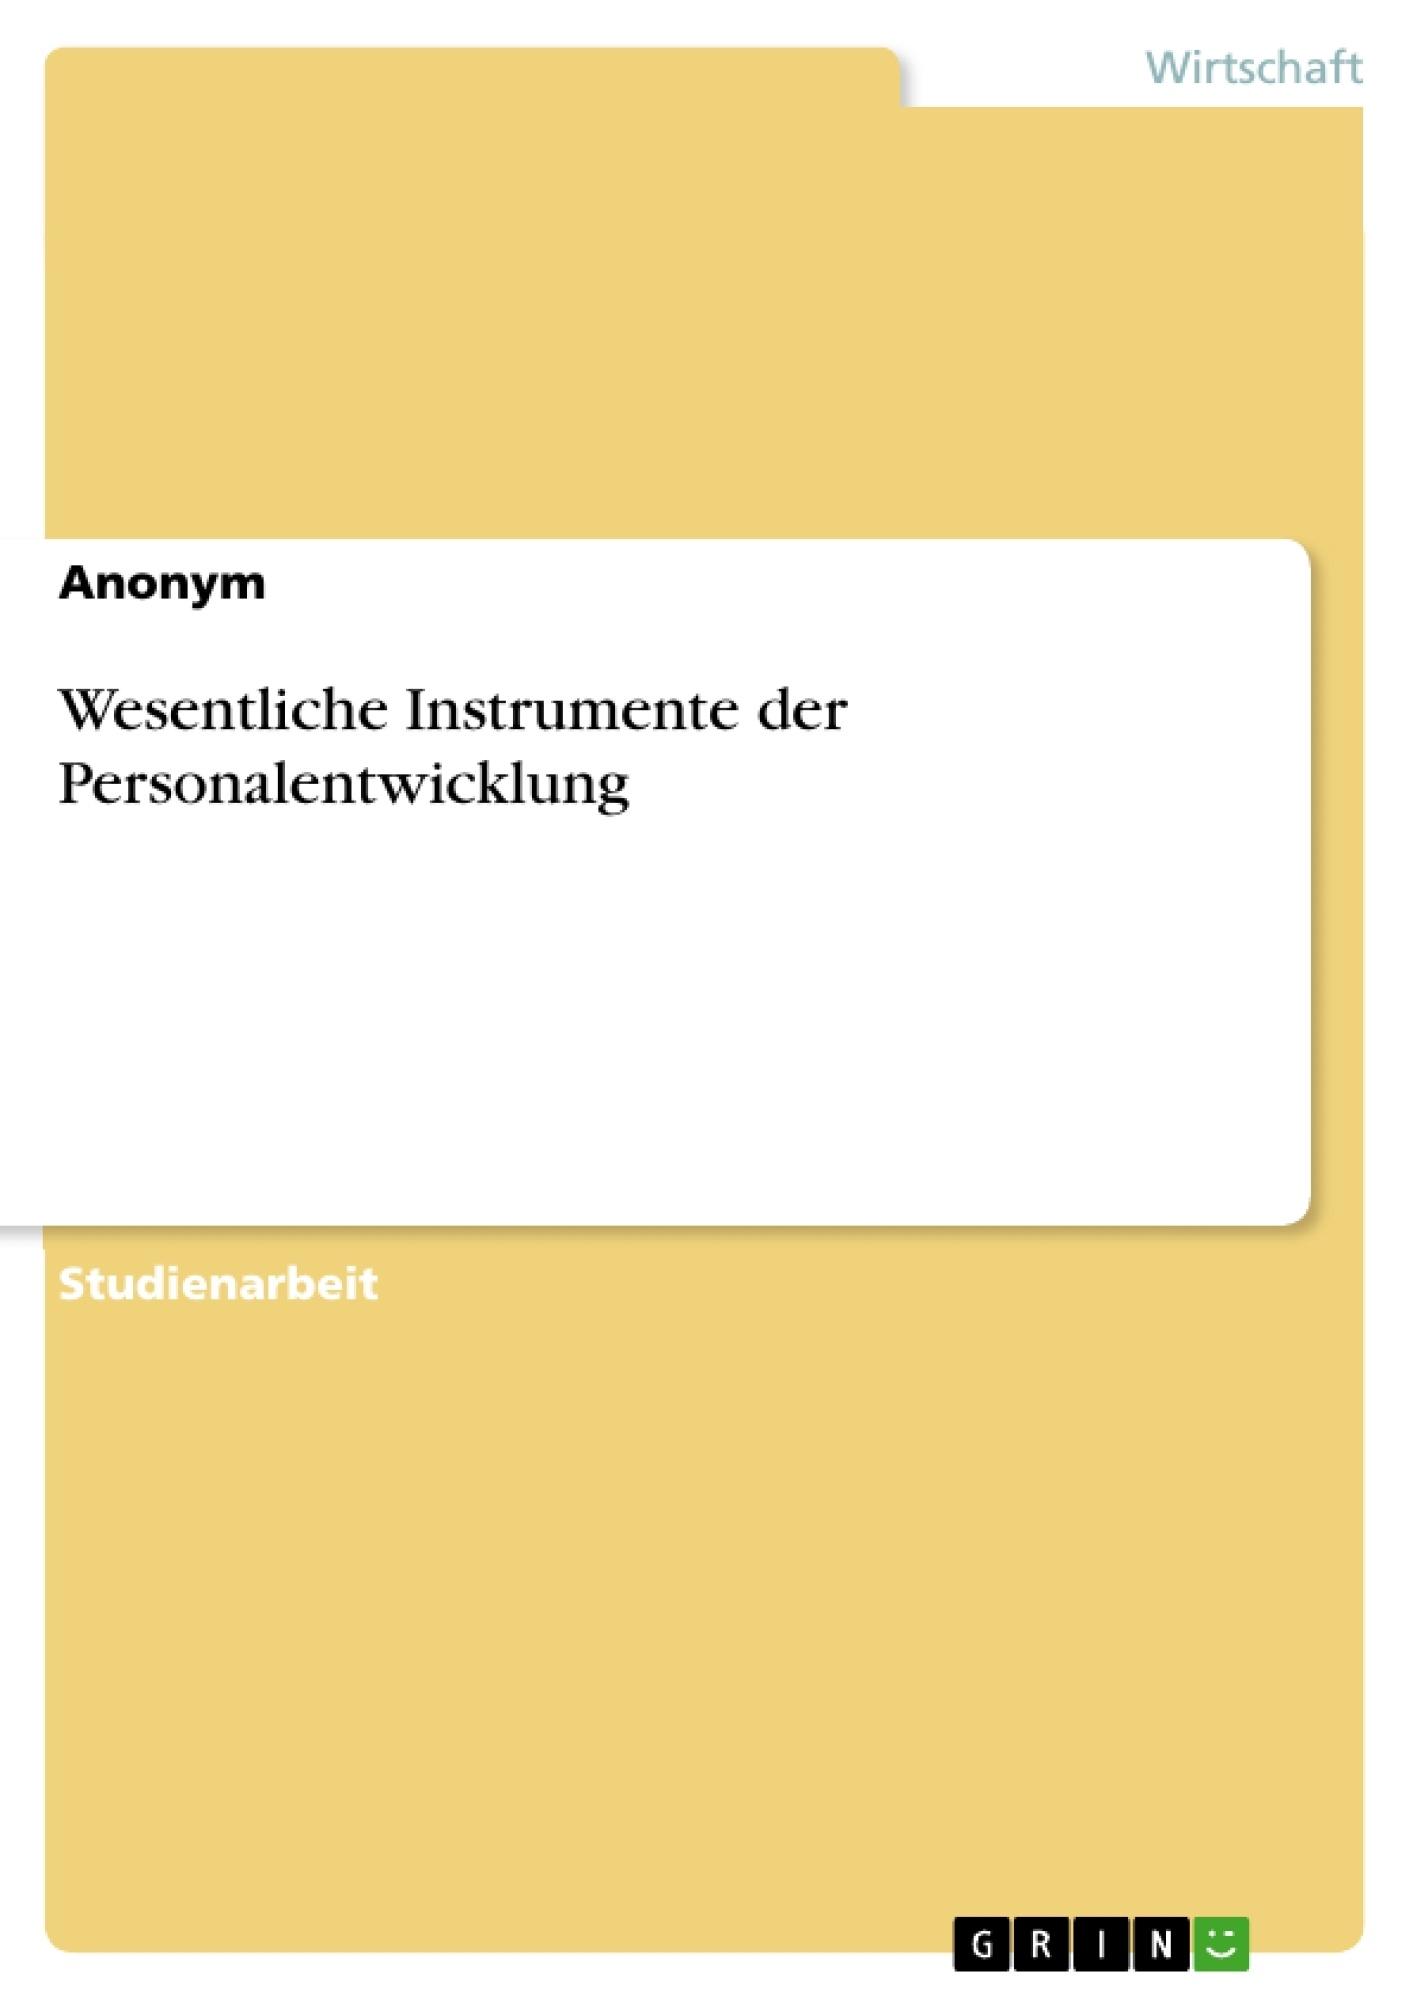 Titel: Wesentliche Instrumente der Personalentwicklung